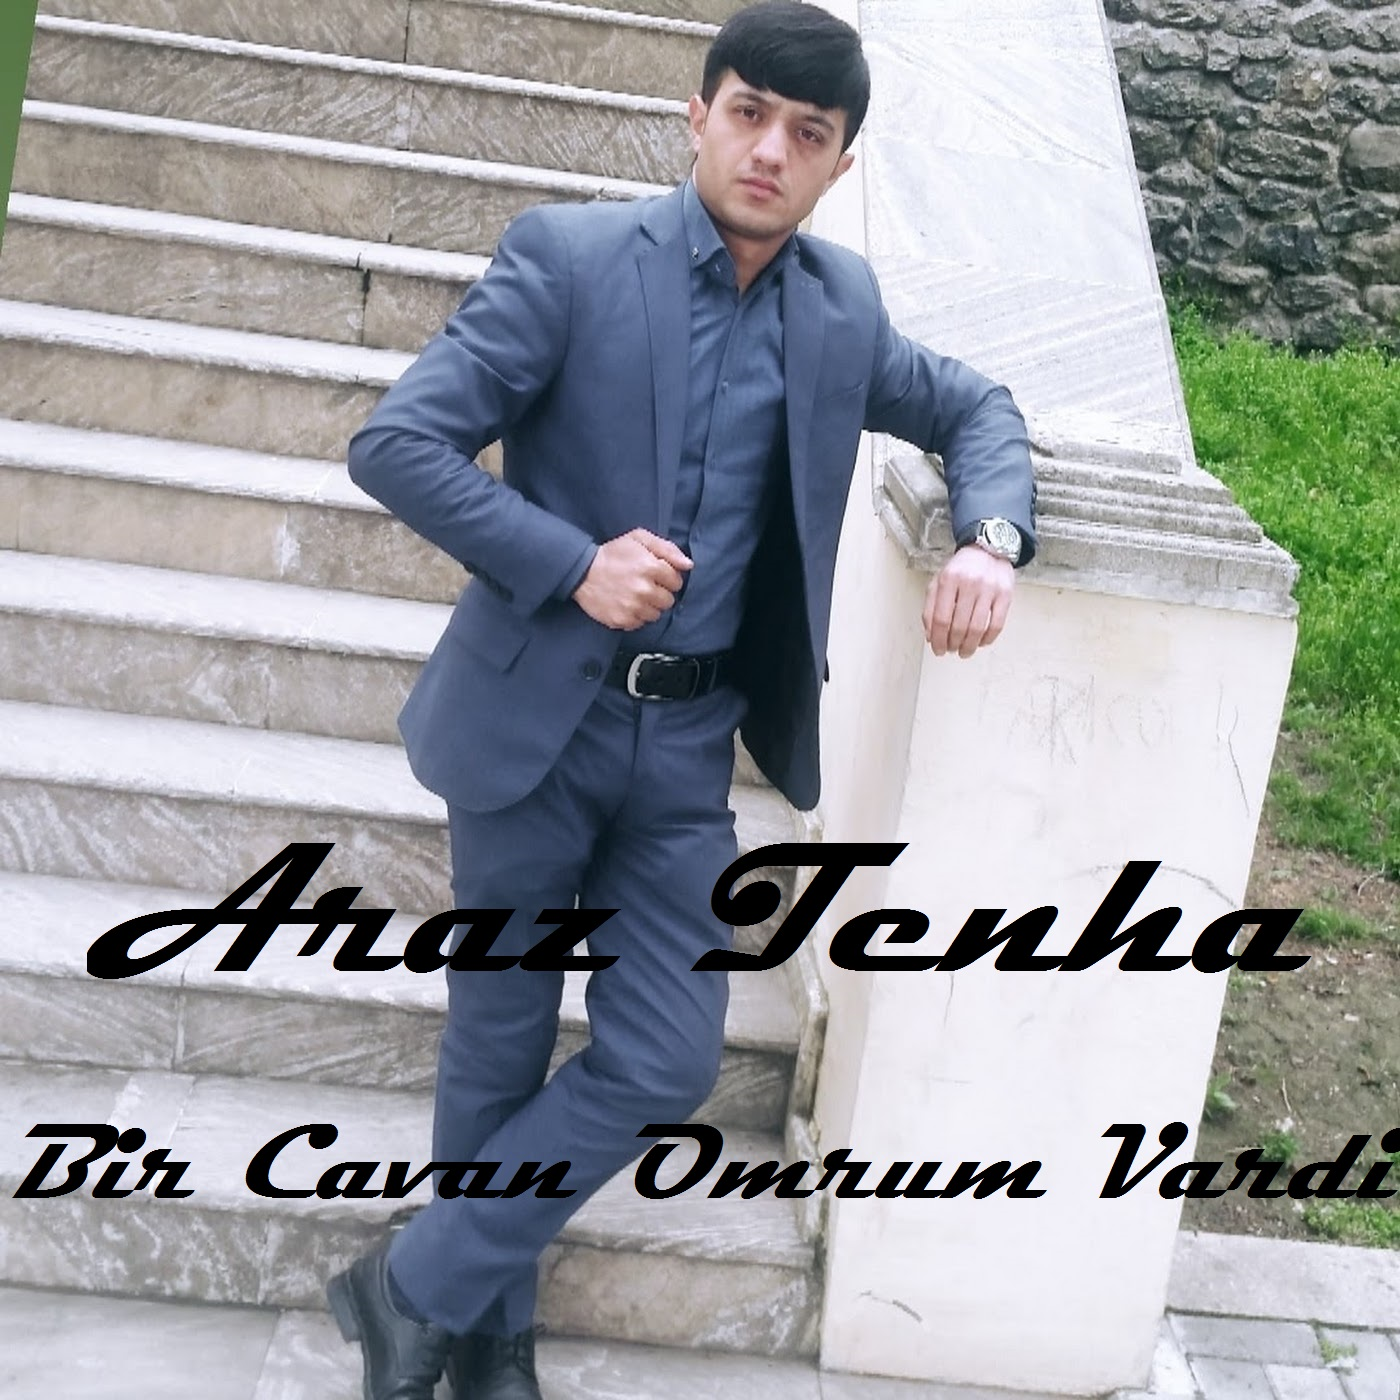 http://s12.picofile.com/file/8399930376/02Araz_Tenha_Bir_Cavan_Omrum_Vardi.jpg